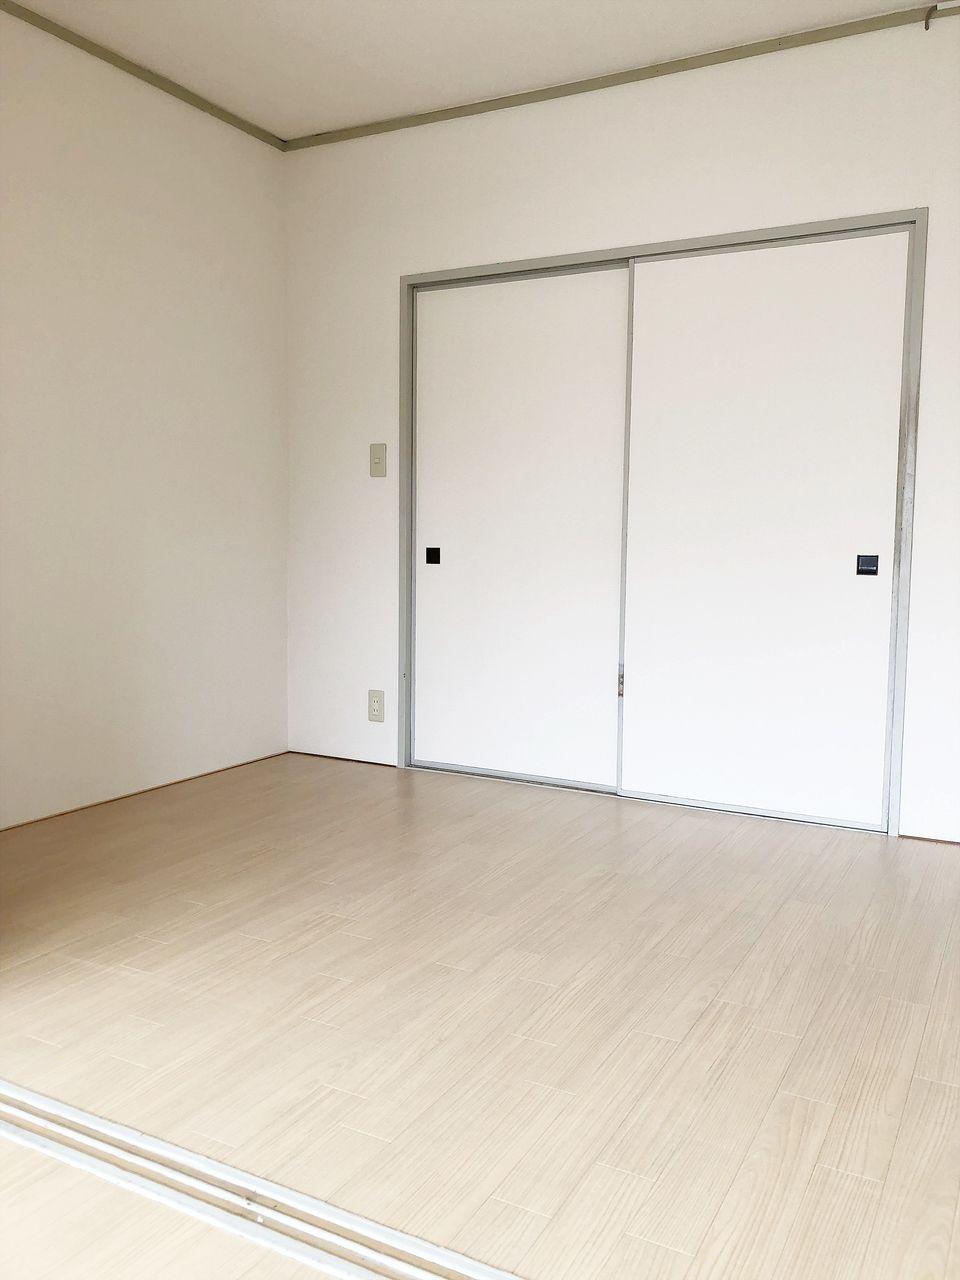 和室を洋室にリフォームしました。(別の部屋の写真です)